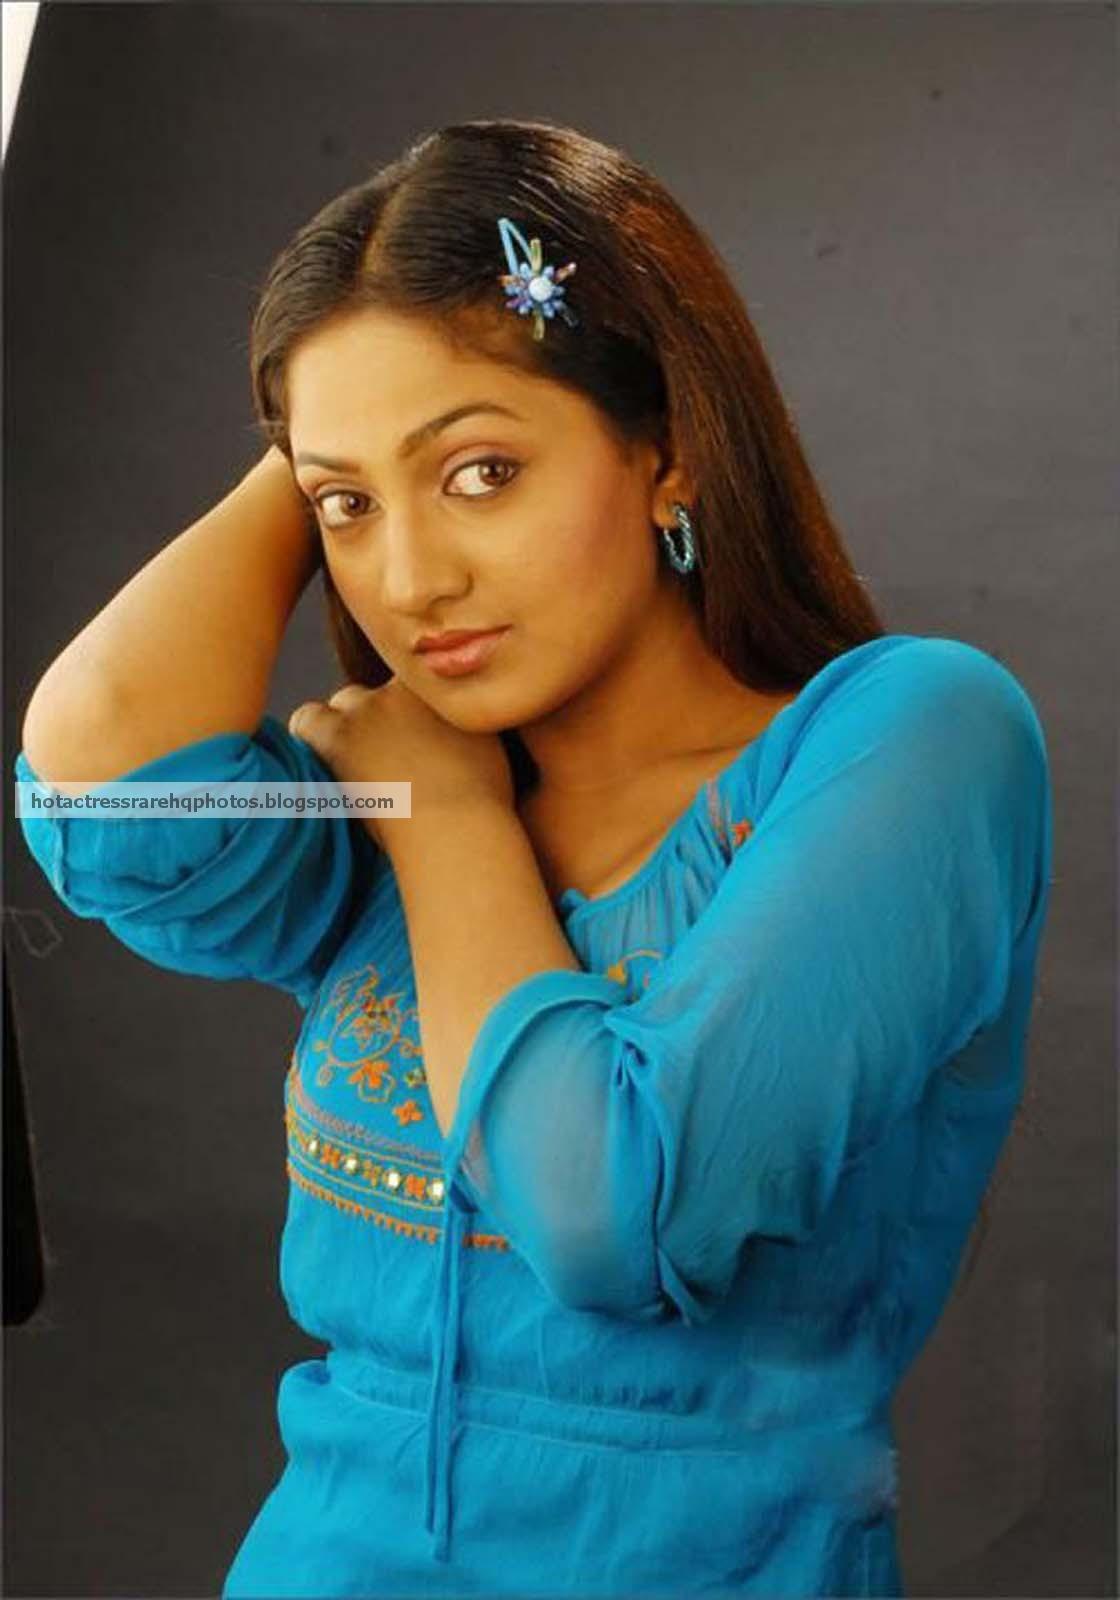 Hot Indian Actress Rare HQ Photos: Tamil Actress Sheela